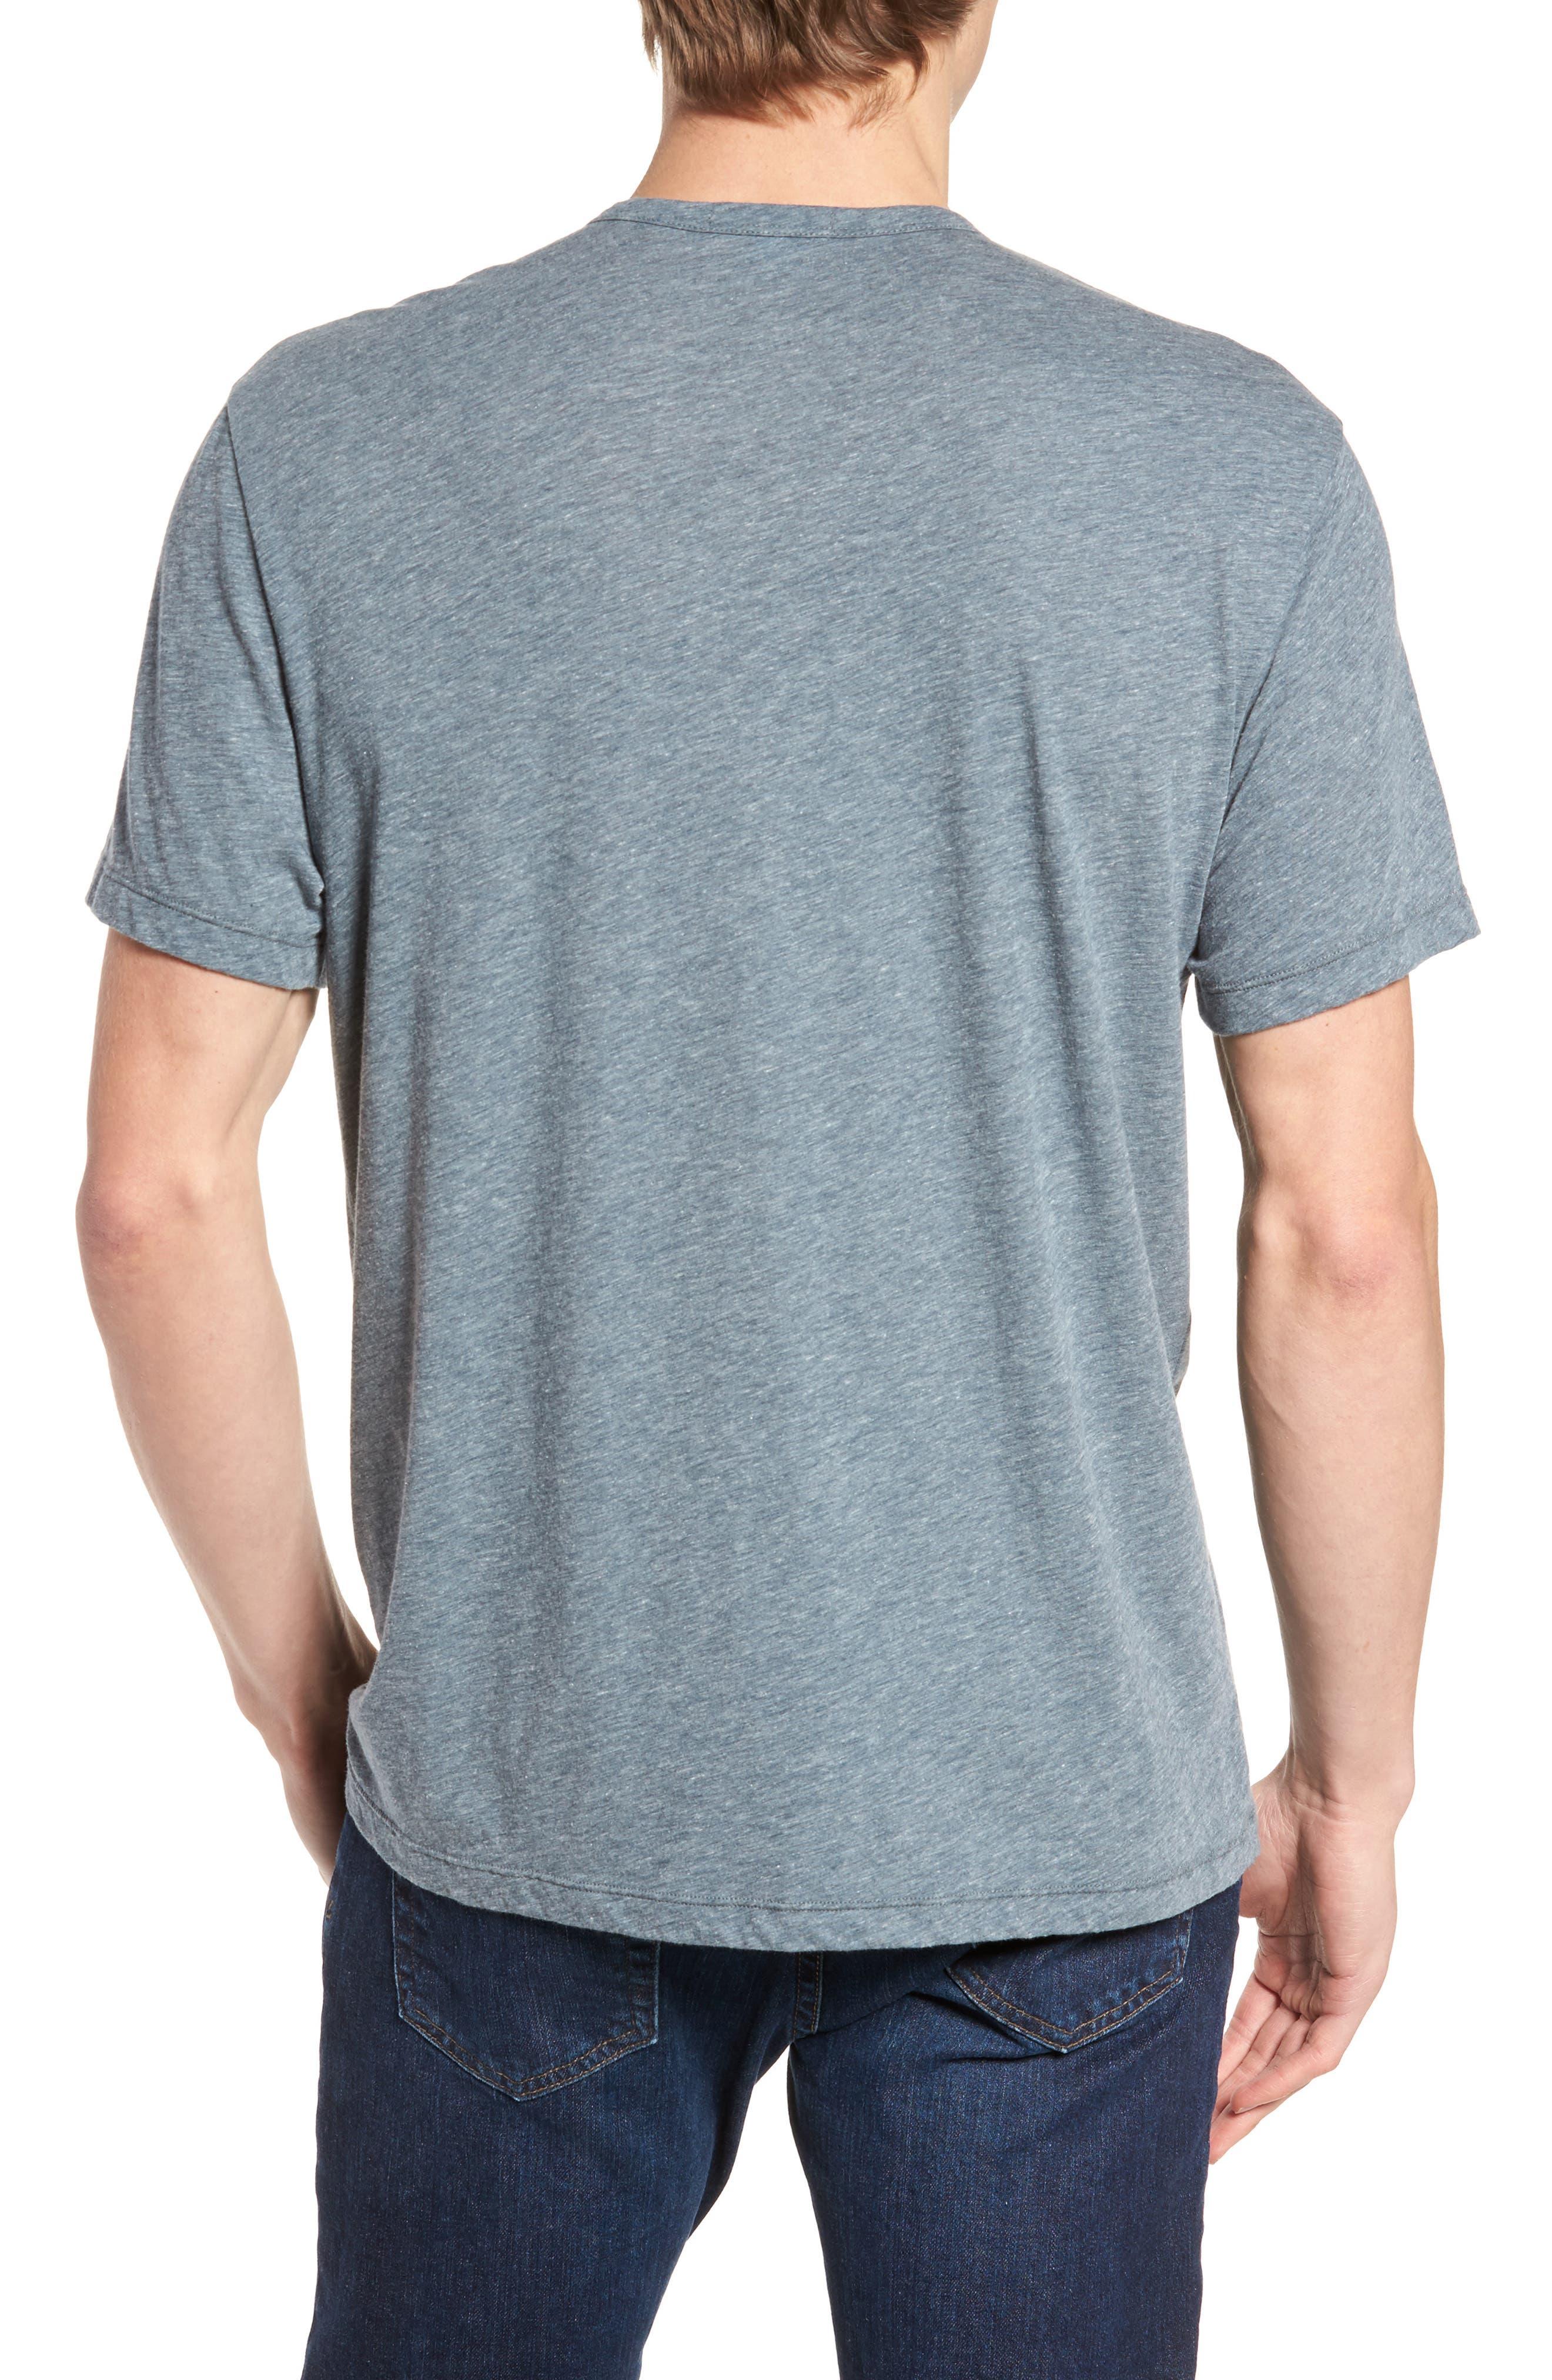 Alternate Image 2  - James Perse Slubbed Cotton & Linen Pocket T-Shirt